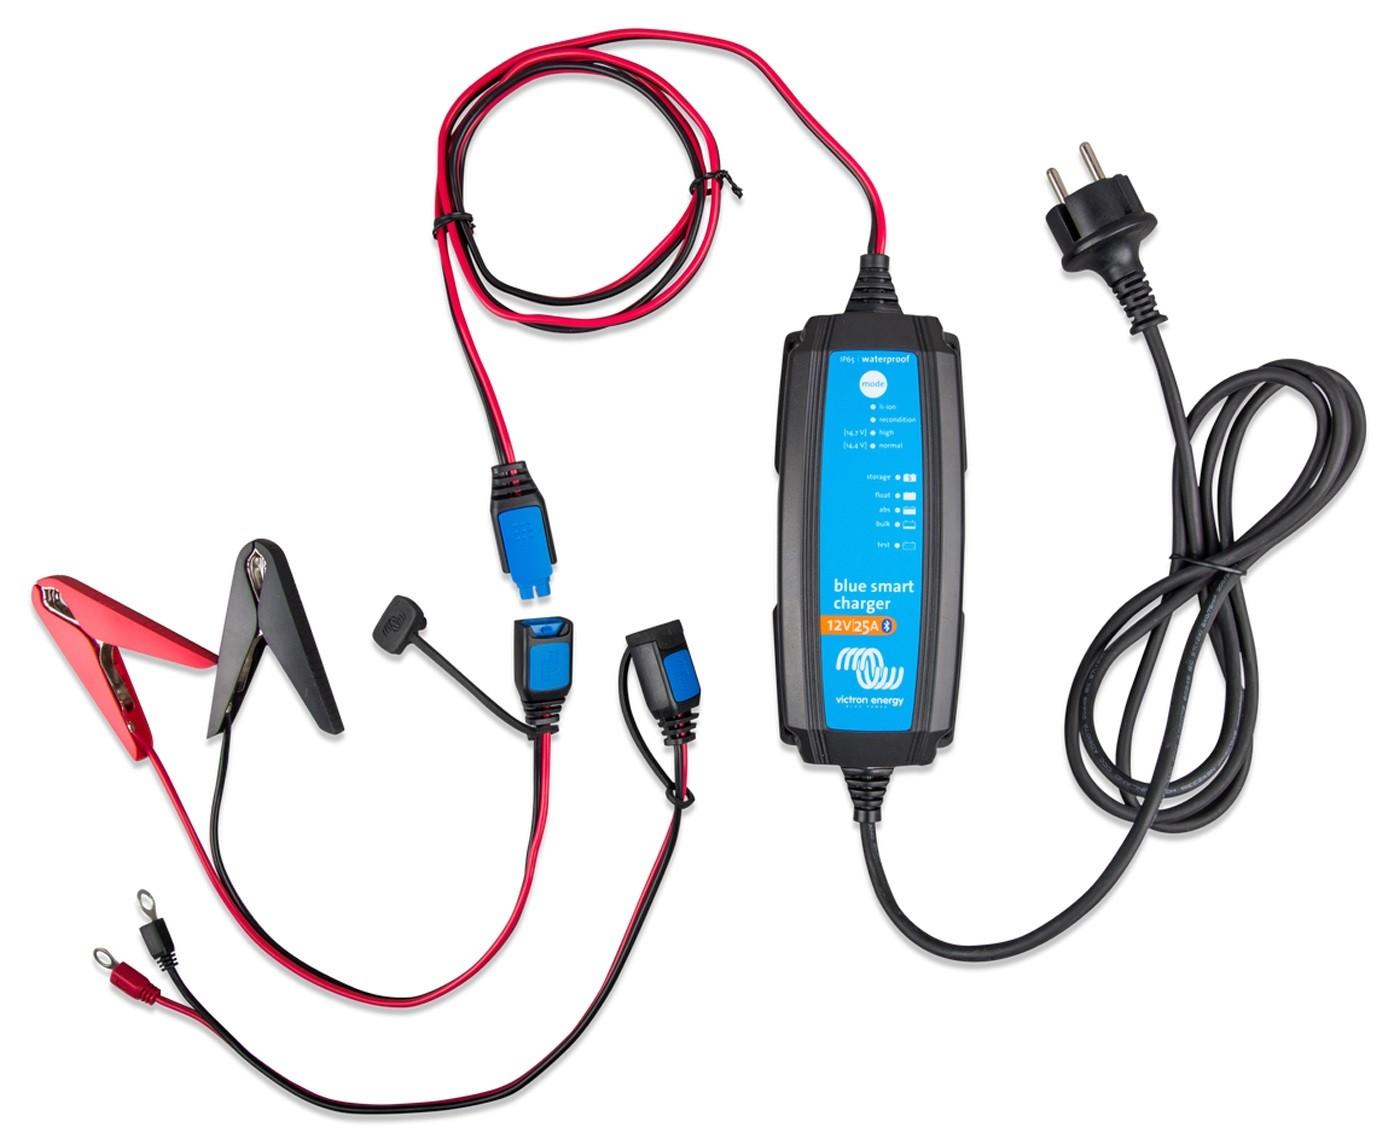 Controlador de Carga (Carregador) de Bateria Náutico Victron Blue Smart IP65 12V 25A para Barcos e Lanchas